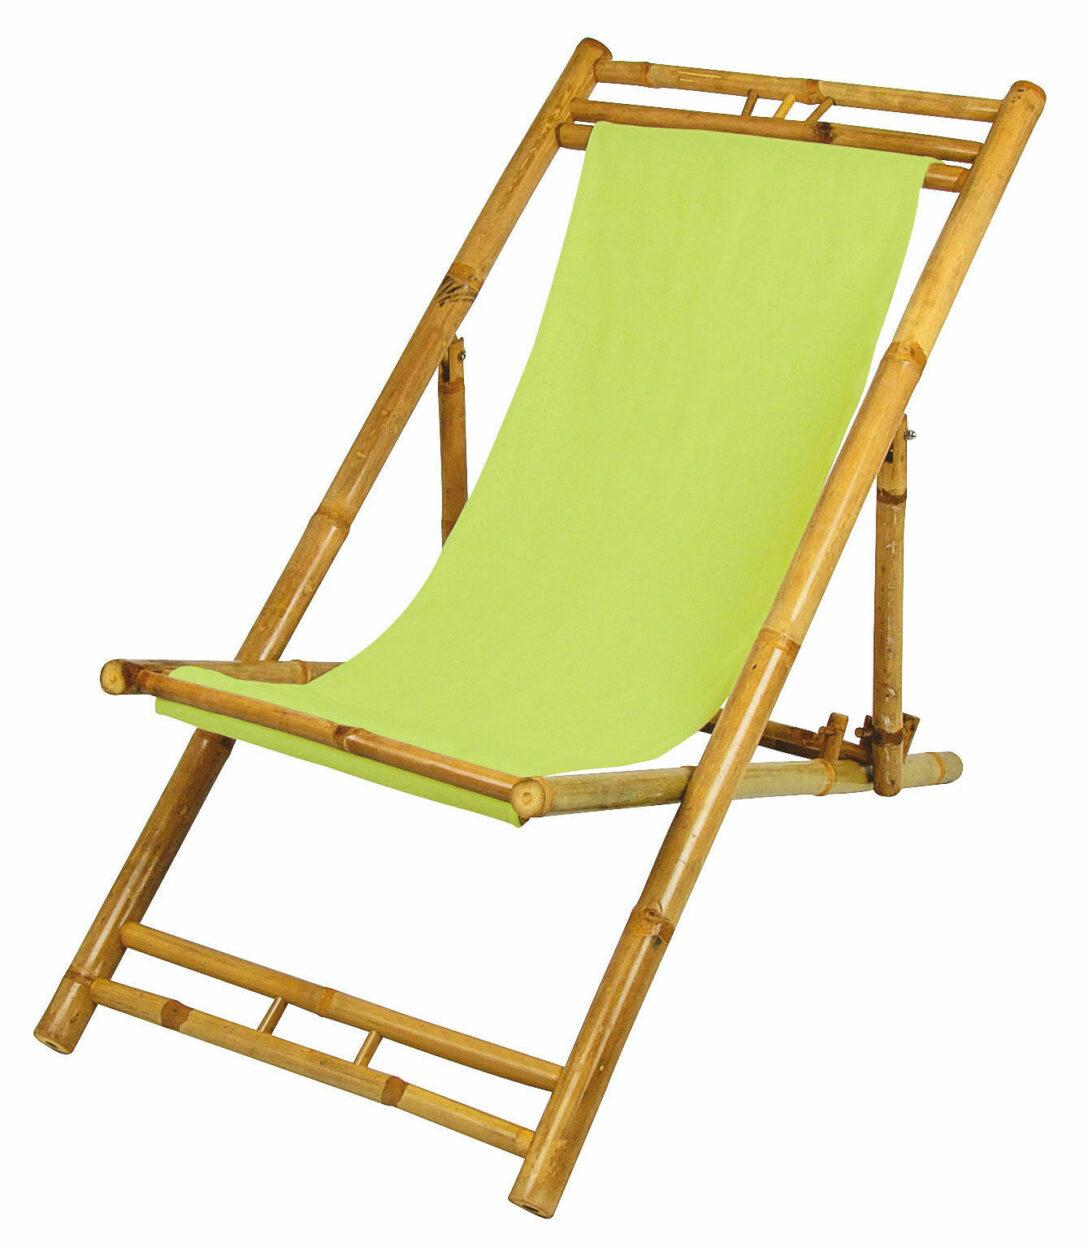 Large Size of Liegestuhl Holz Ikea Sommarvind Strandstuhl In Grn Gartenstuhl Gnstig Kaufen Ebay Küche Modern Fenster Alu Esstisch Holzplatte Betten 160x200 Massivholz Bett Wohnzimmer Liegestuhl Holz Ikea